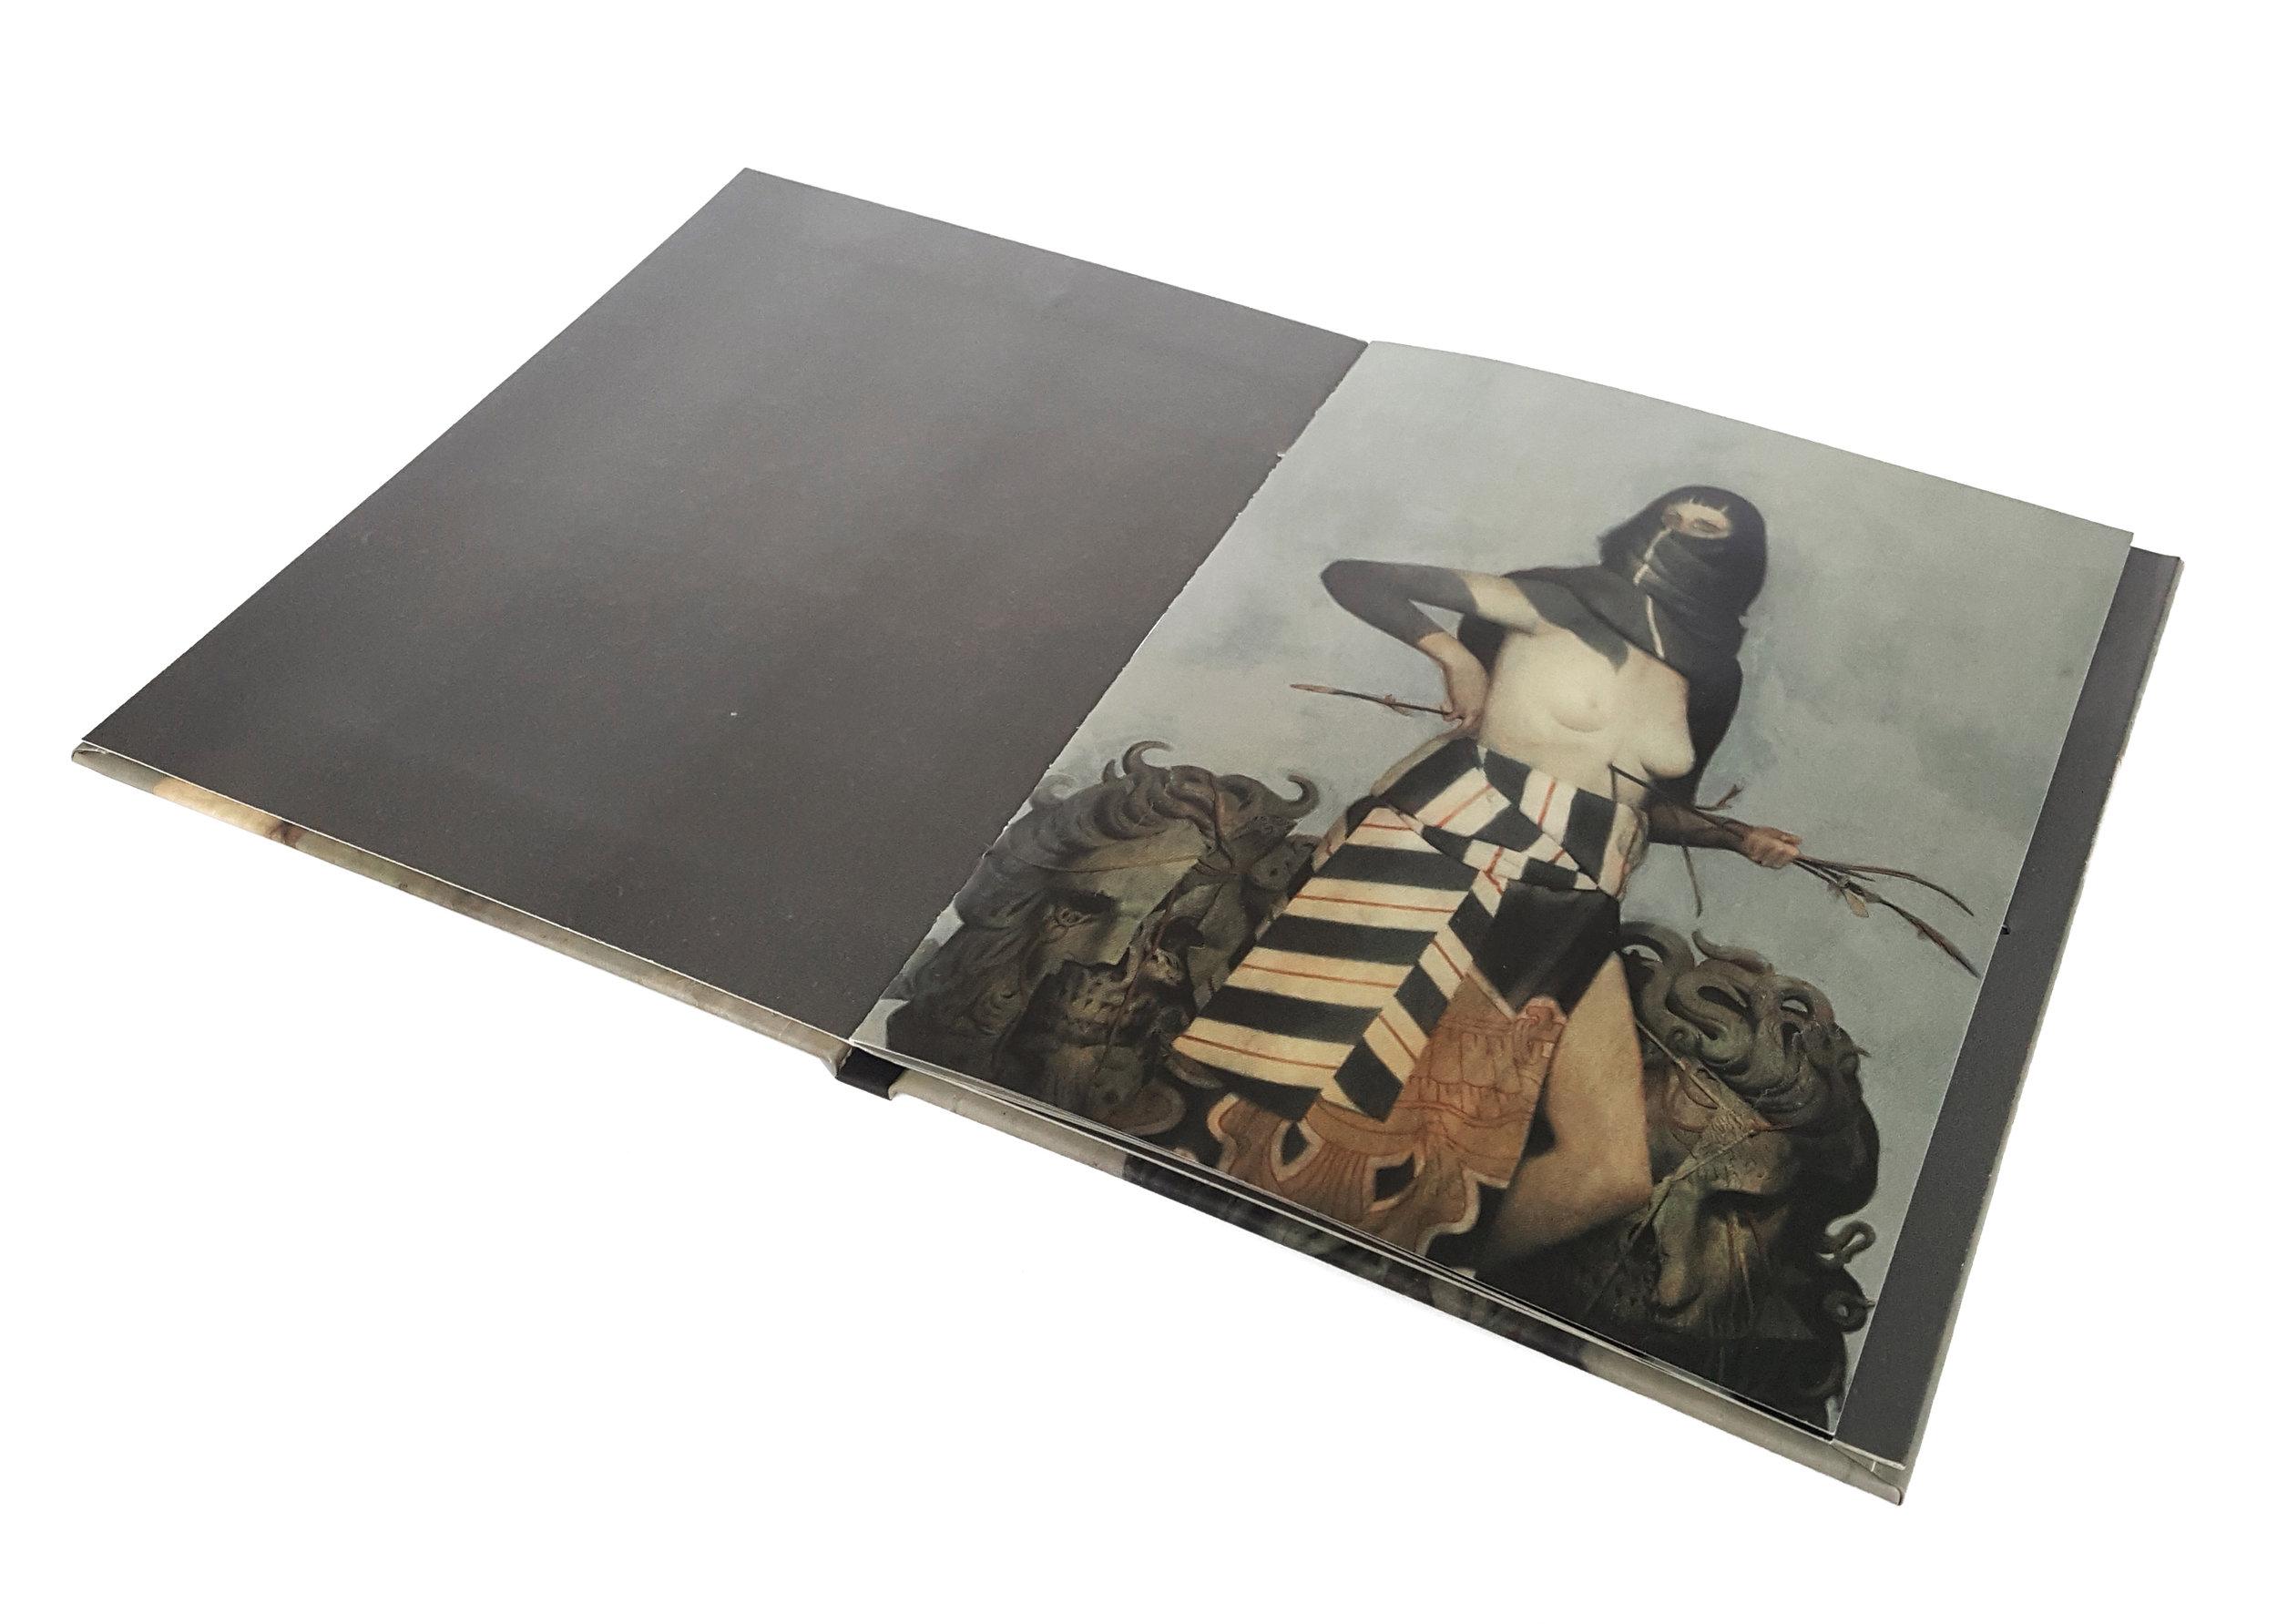 CD Photo - Phonometrician 7 V2 (BEST BRIGHTEST).jpg